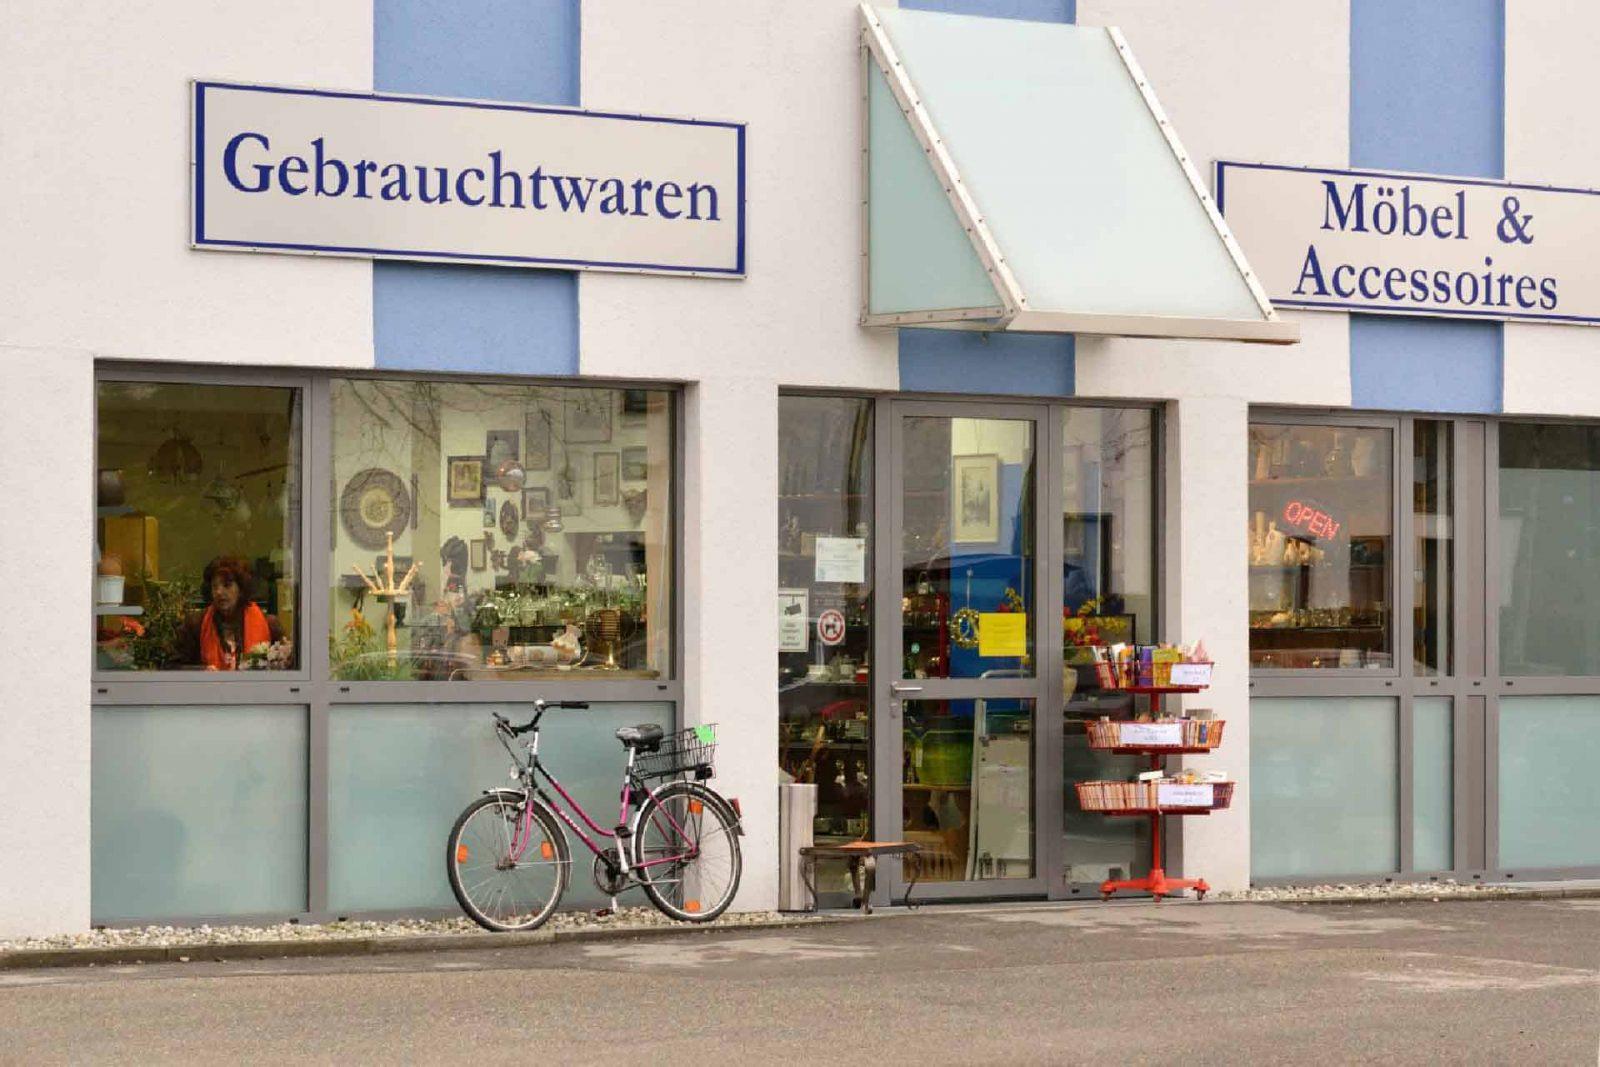 Außenansicht des Gebrauchtwarenladen in Waldkraiburg - Firma Körber für Möbel, Accessoires und gebrauchte Artikel